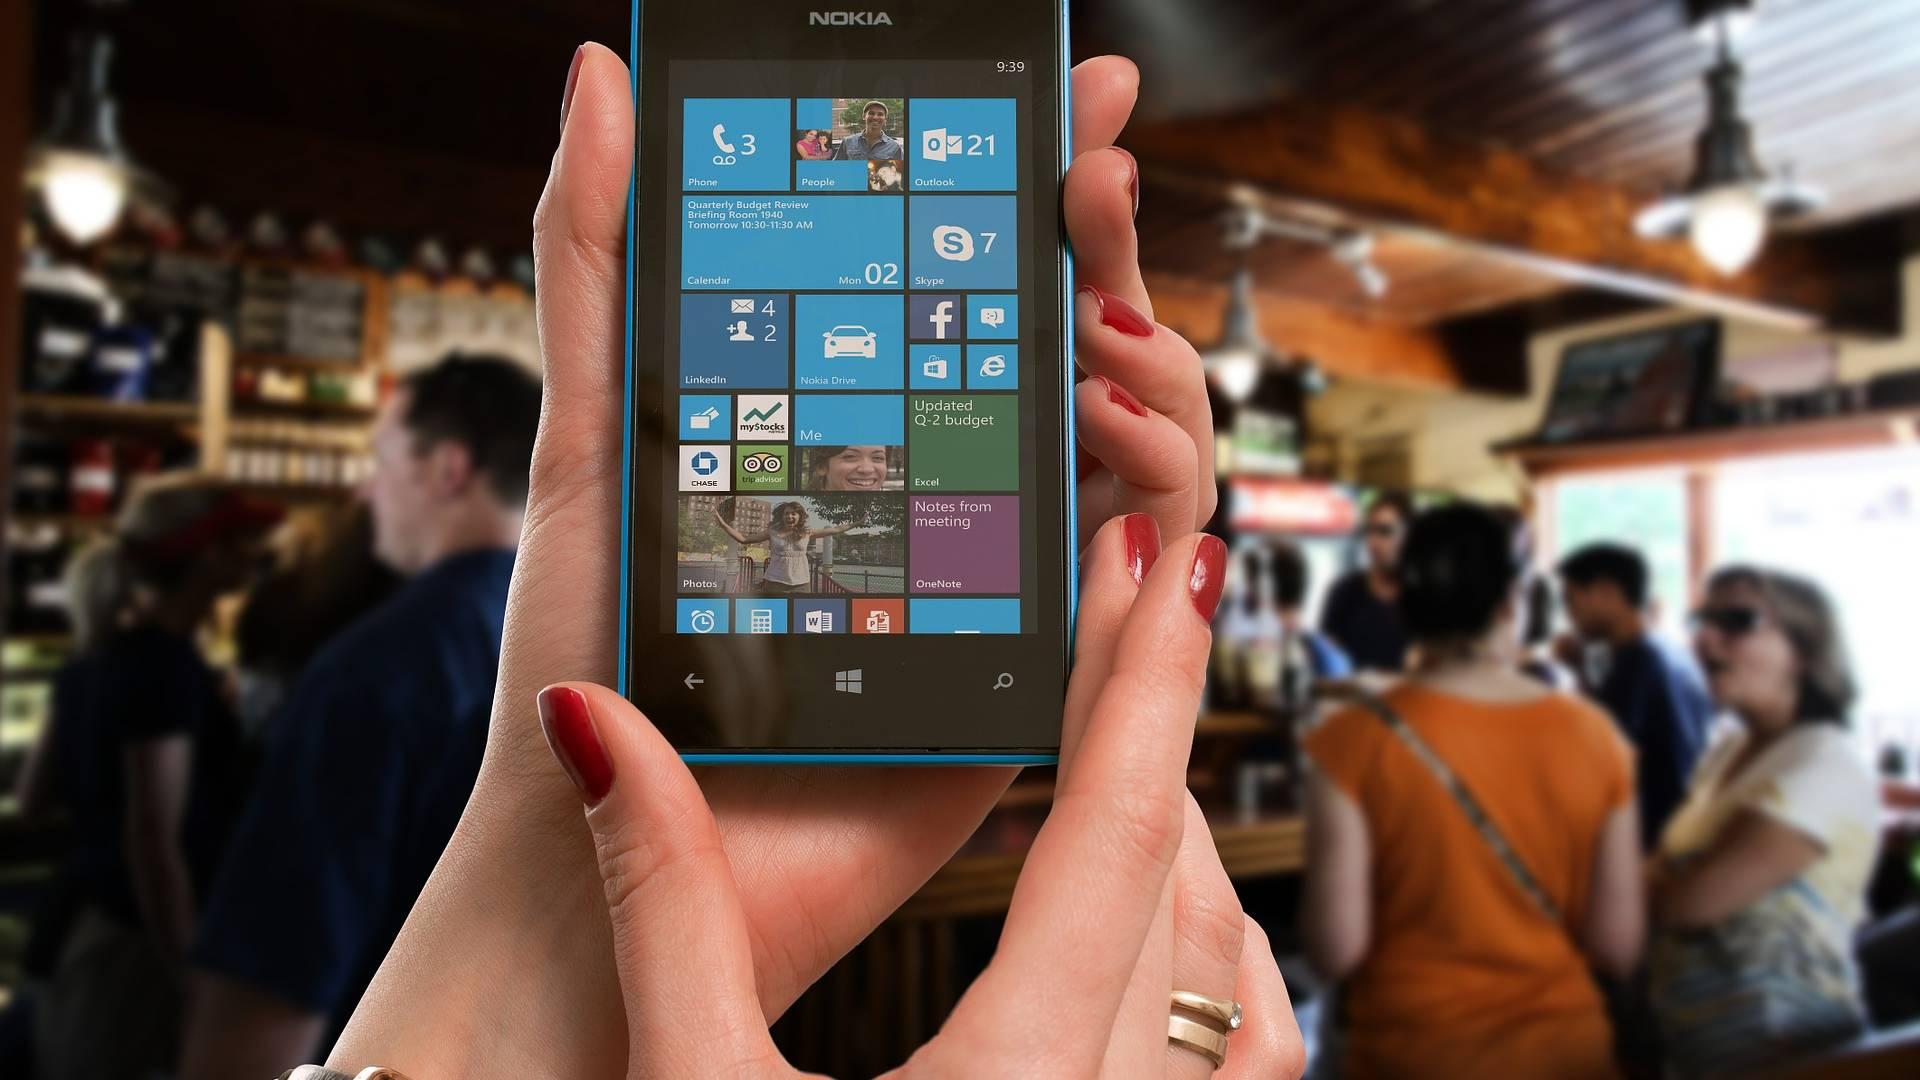 Nokia veröffentlicht ein günstiges Handy für nur 13 Euro!